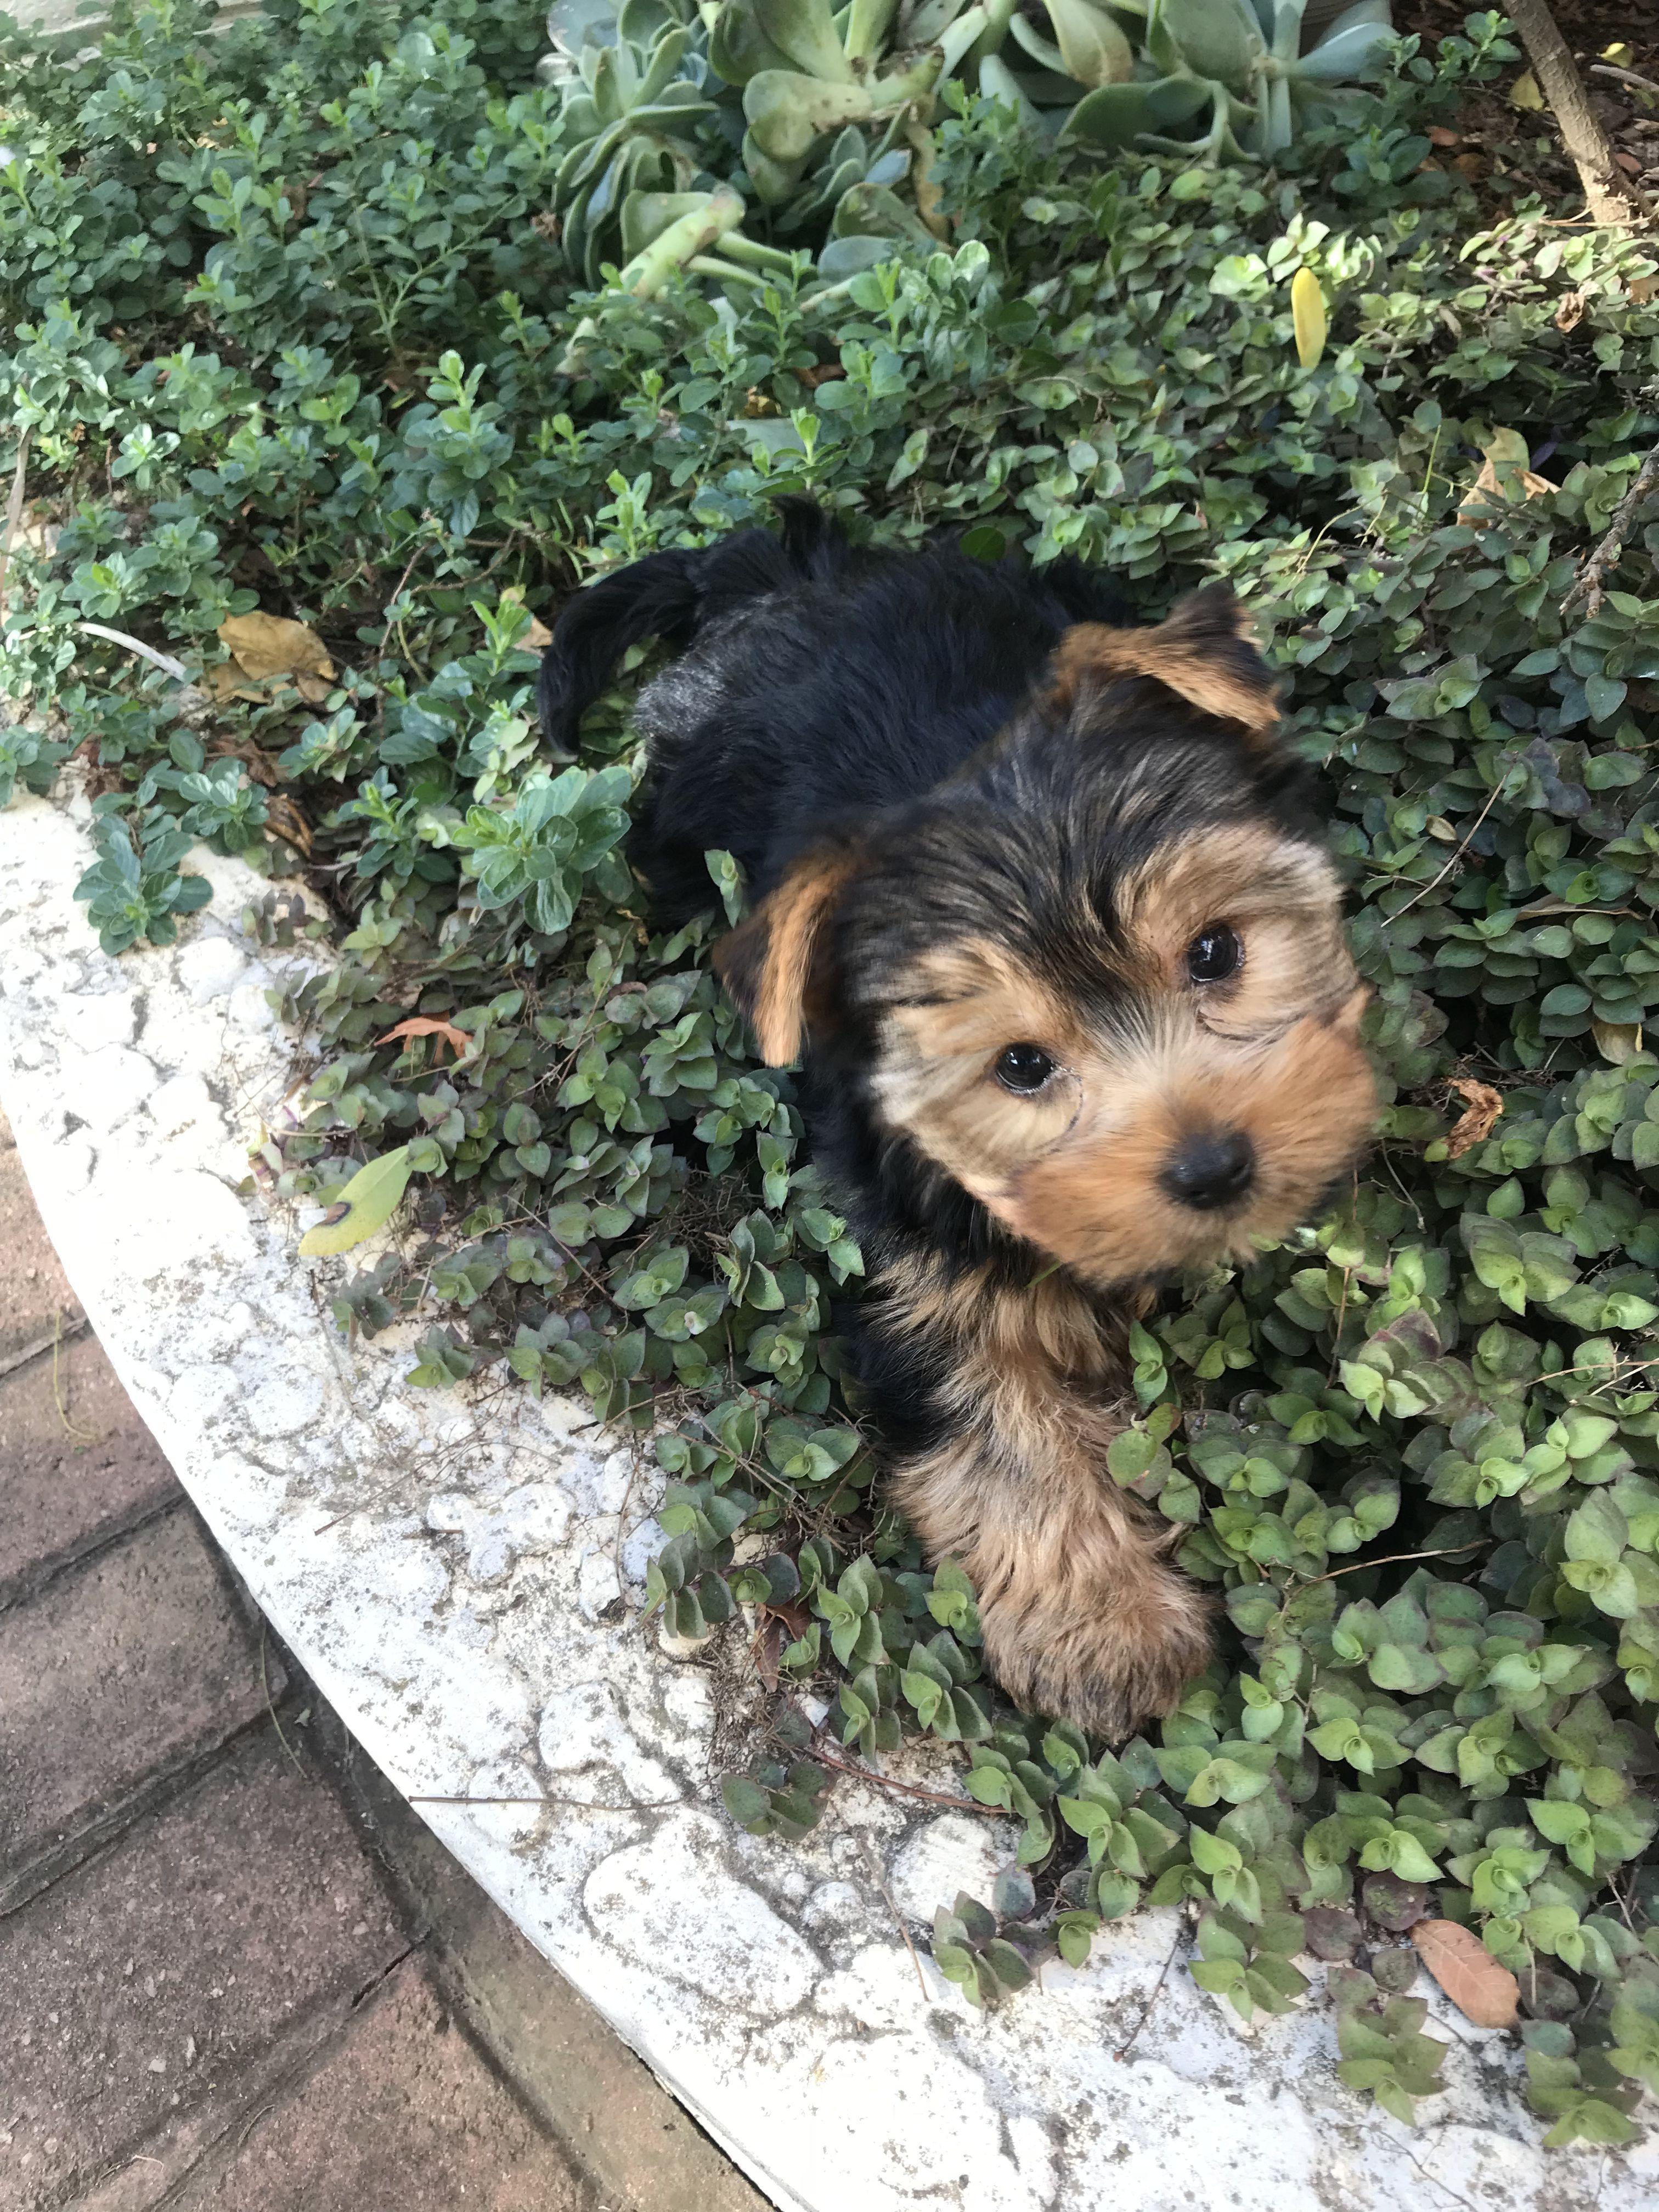 Yorkshire Terrier Puppy Yorkshireterrierpuppy Yorkshire Terrier Puppies Yorkshire Terrier Puppy Yorkie Yorkshire Terrier Dog